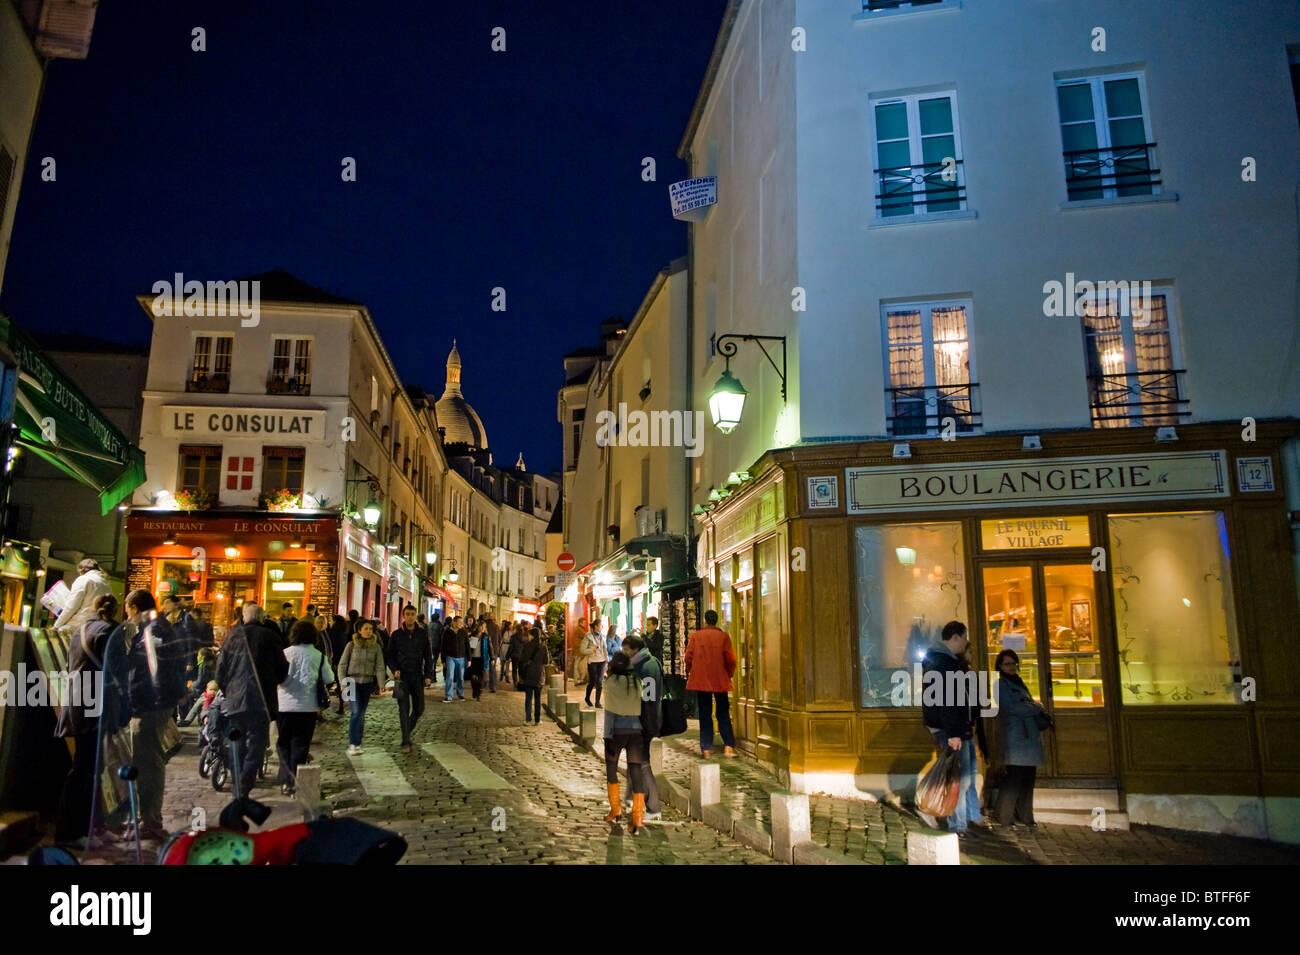 Paris, France, scène de rue parisienne en visite de Montmartre, parisien, dans la nuit, le Français Boulangerie, boulangerie, extérieur Banque D'Images